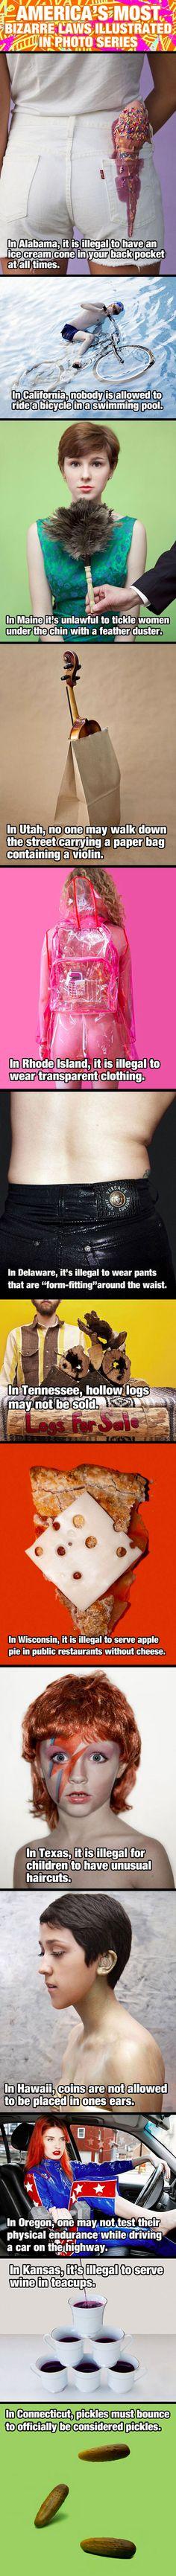 America's most bizarre laws.